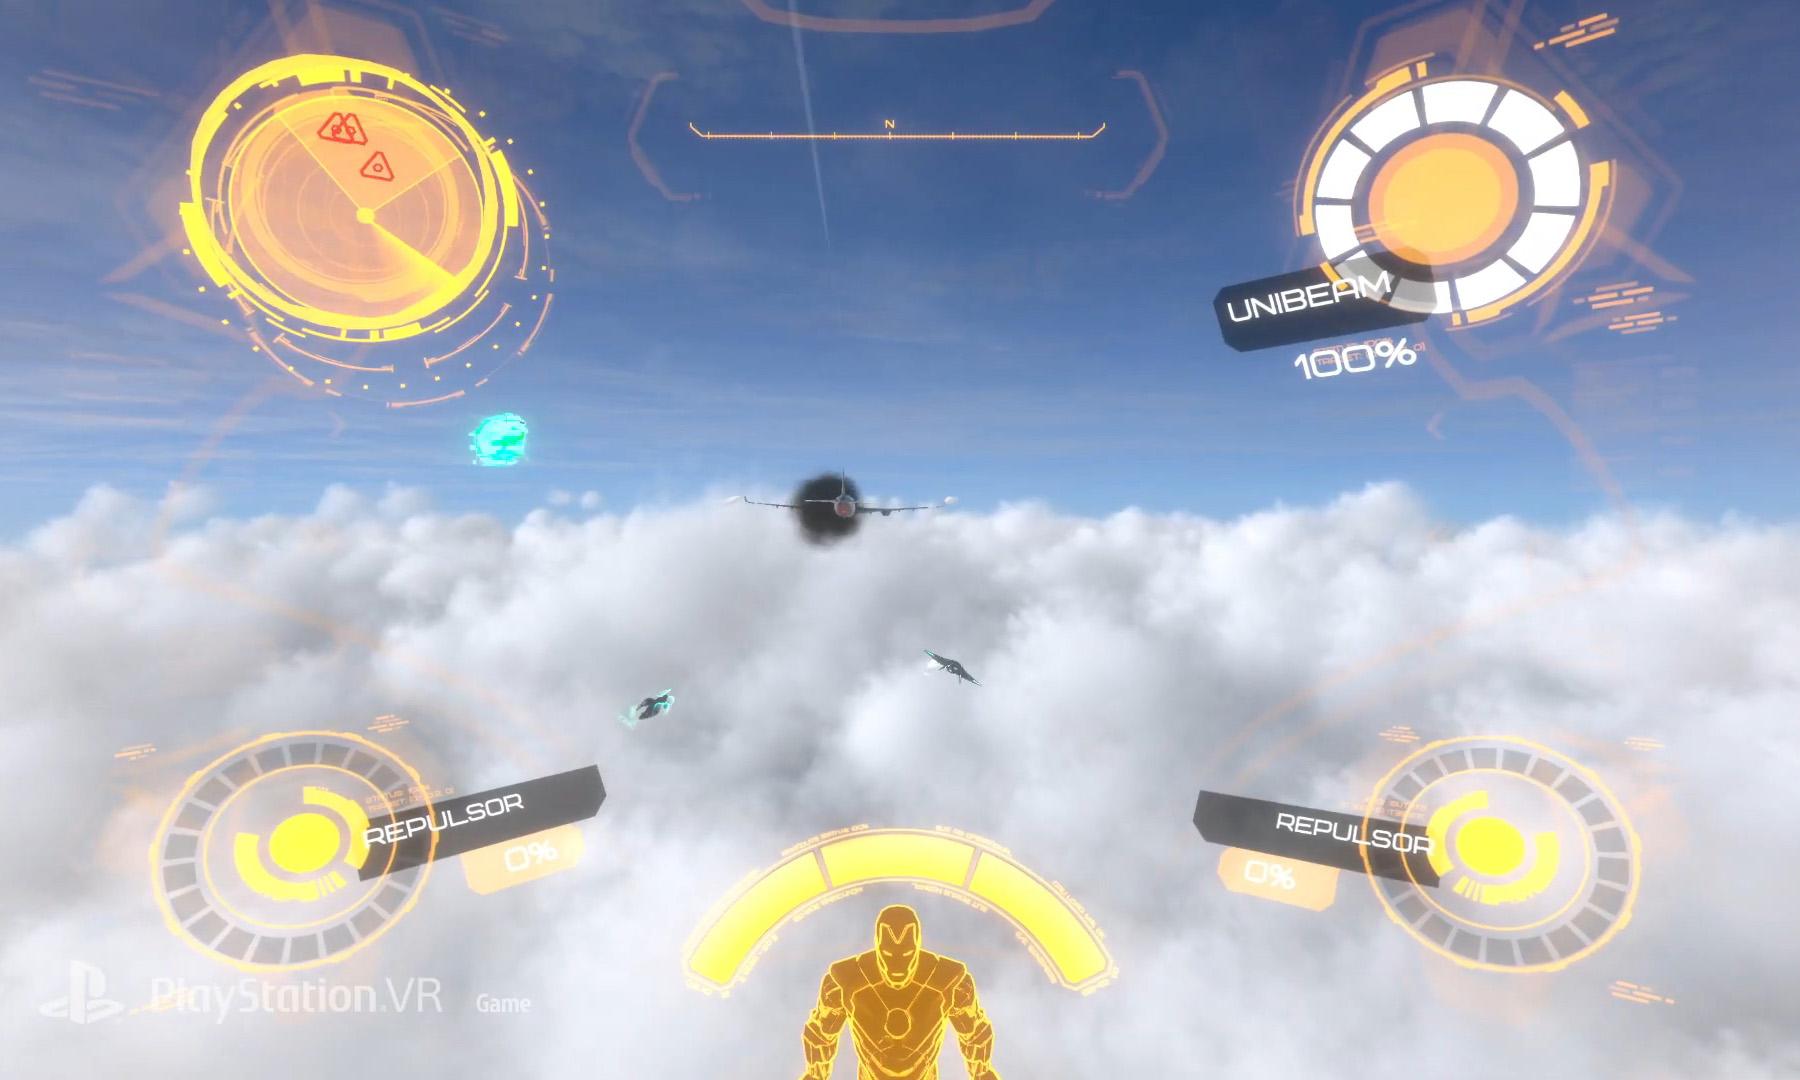 索尼与漫威联合打造 PS4 独占 VR 游戏《钢铁侠 VR》